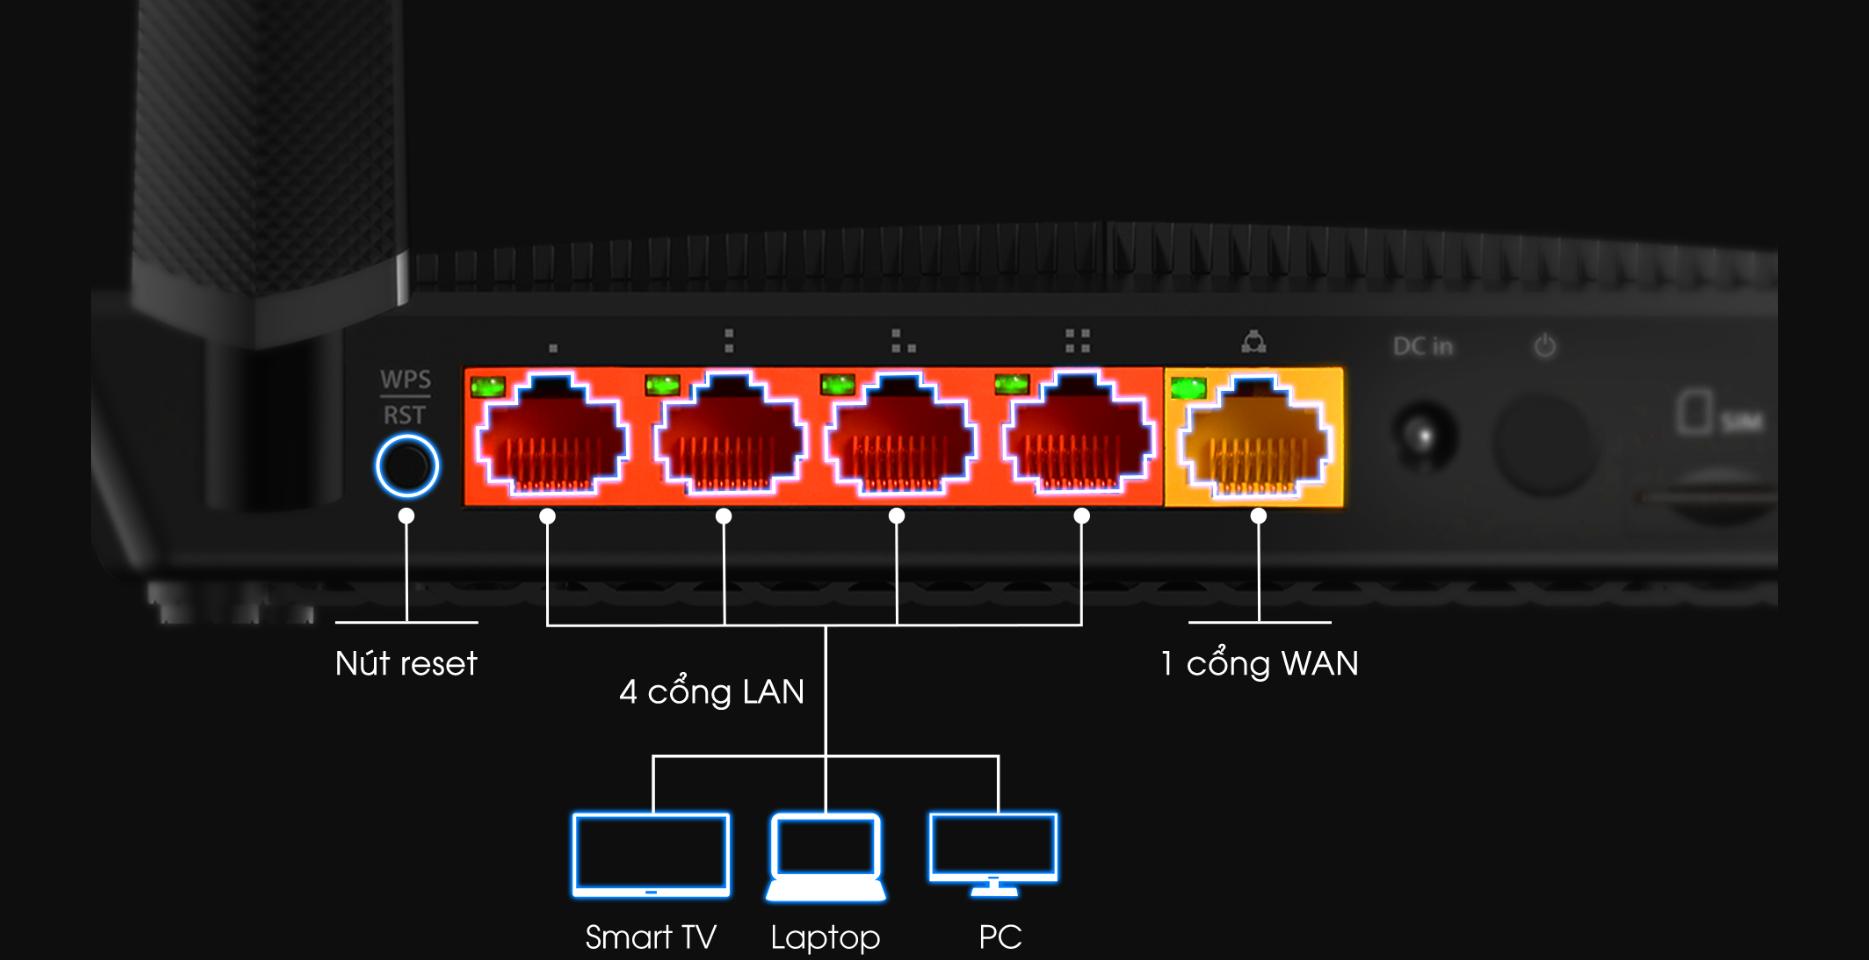 Router Bộ định tuyến 4G-LTE Totolink LR1200-cổng-1